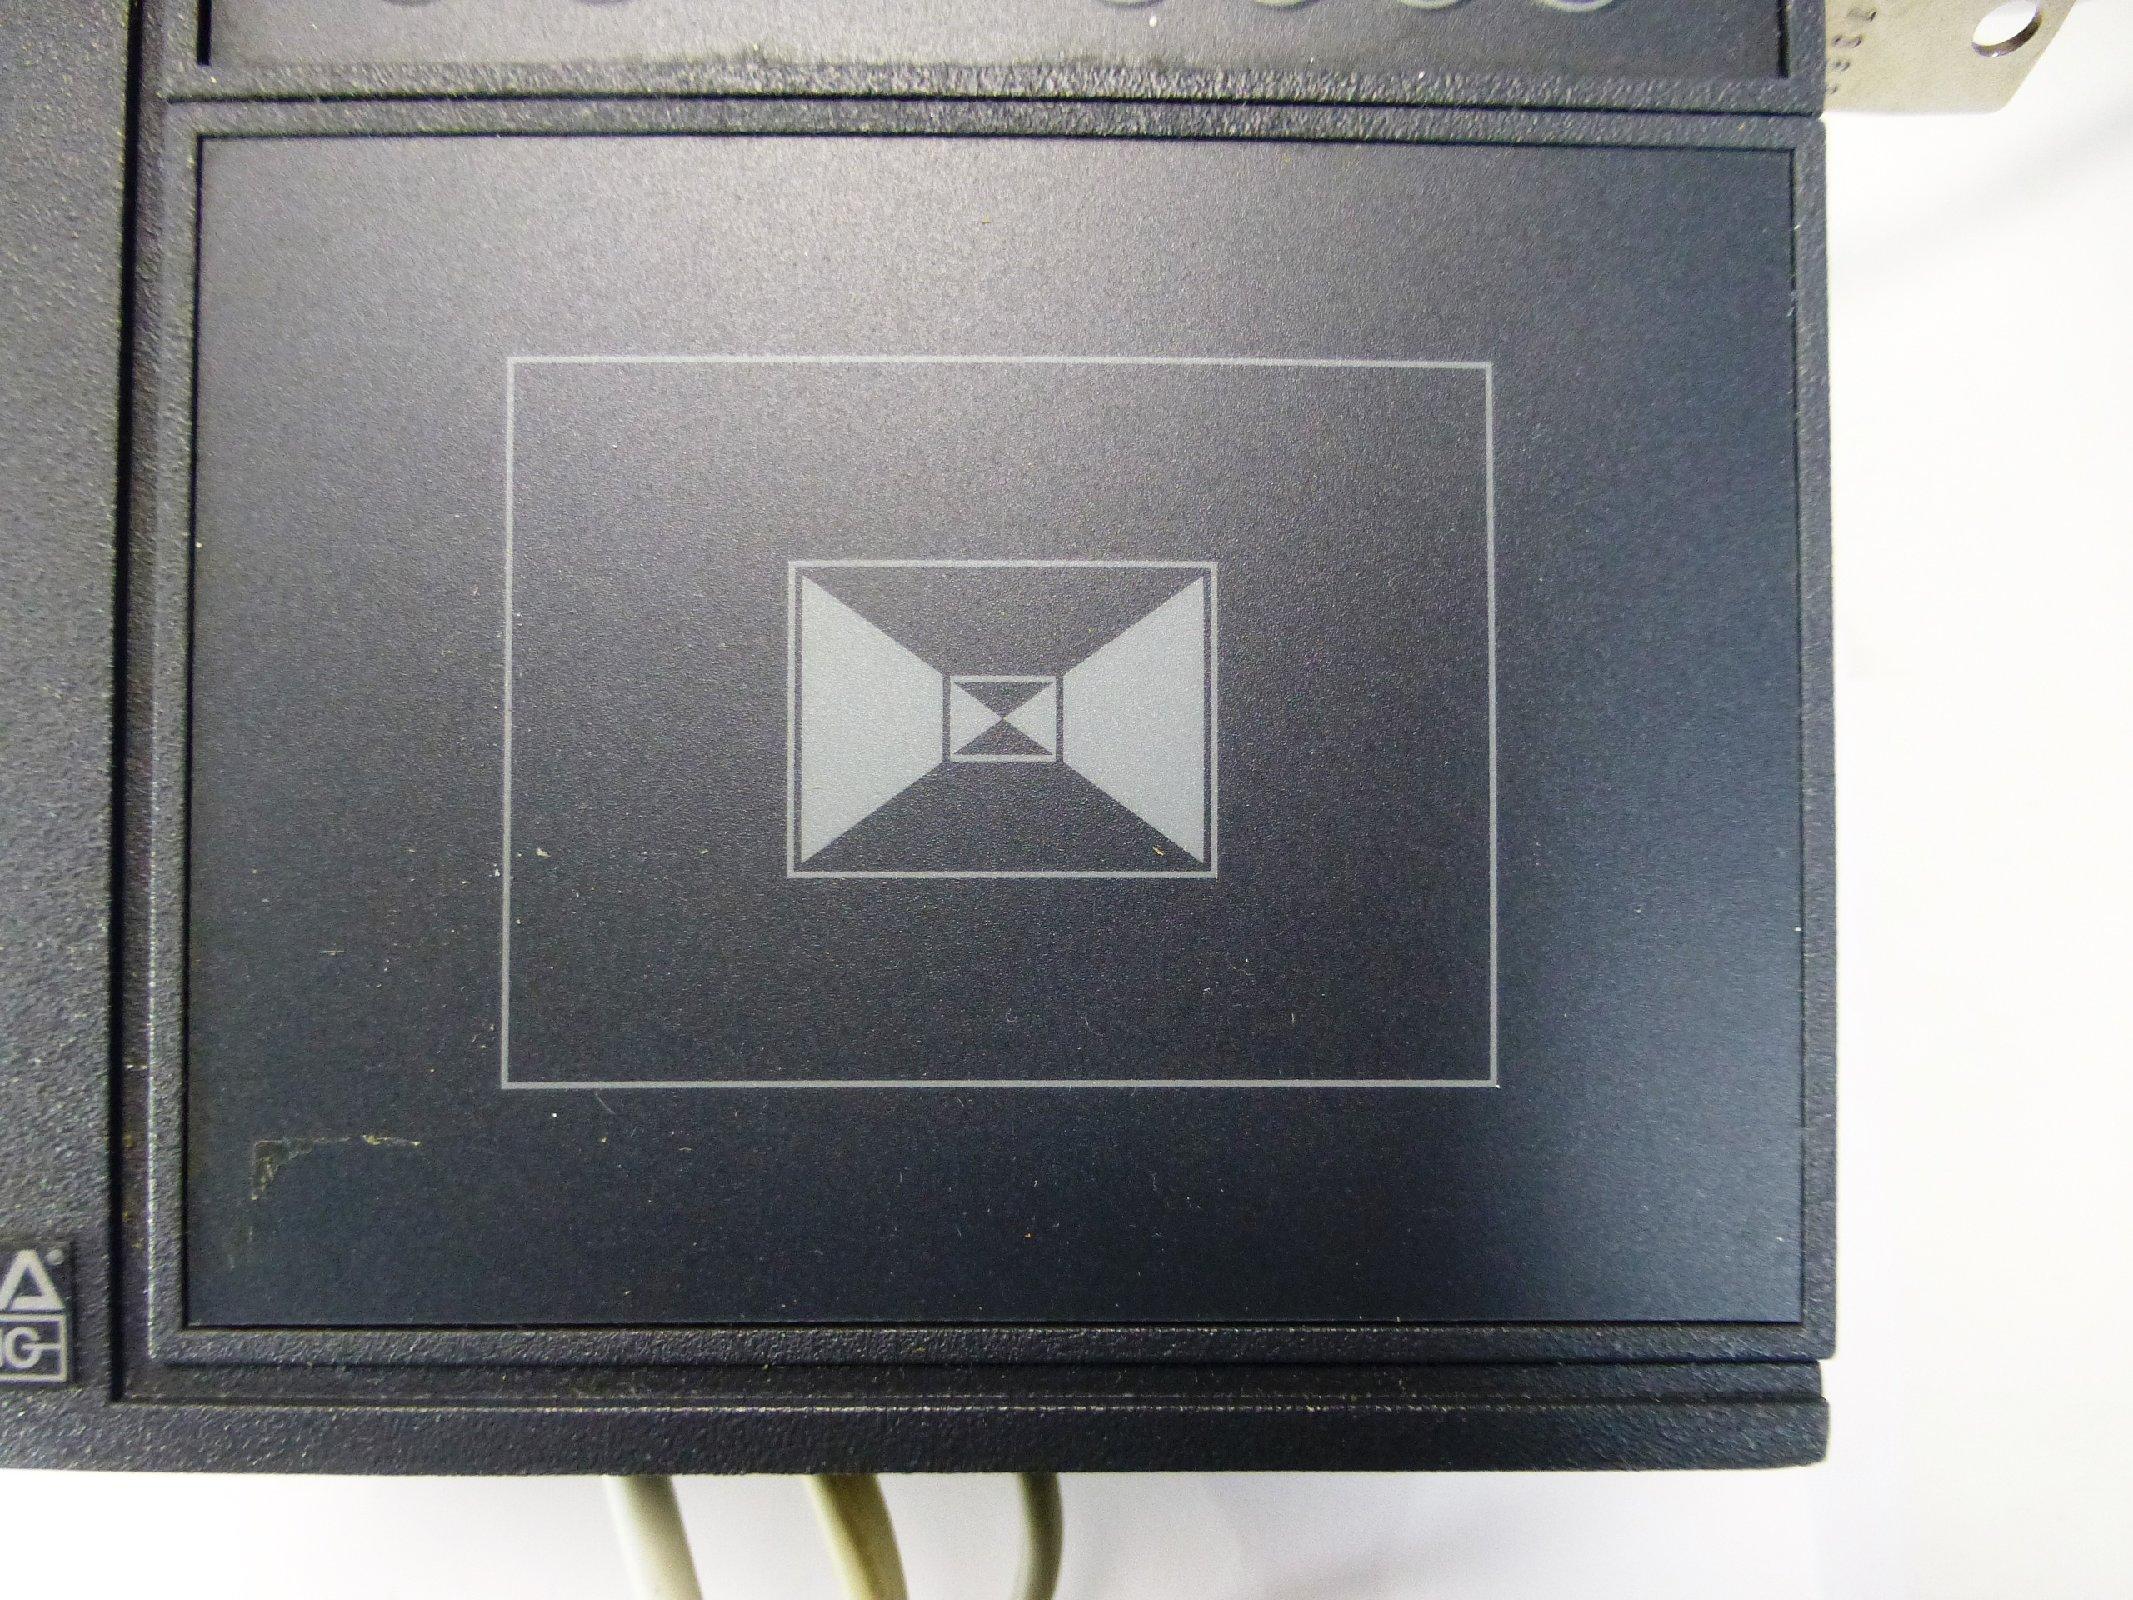 zeiterfassungsger t kaba benzing 9510 stempeluhr netzteil. Black Bedroom Furniture Sets. Home Design Ideas